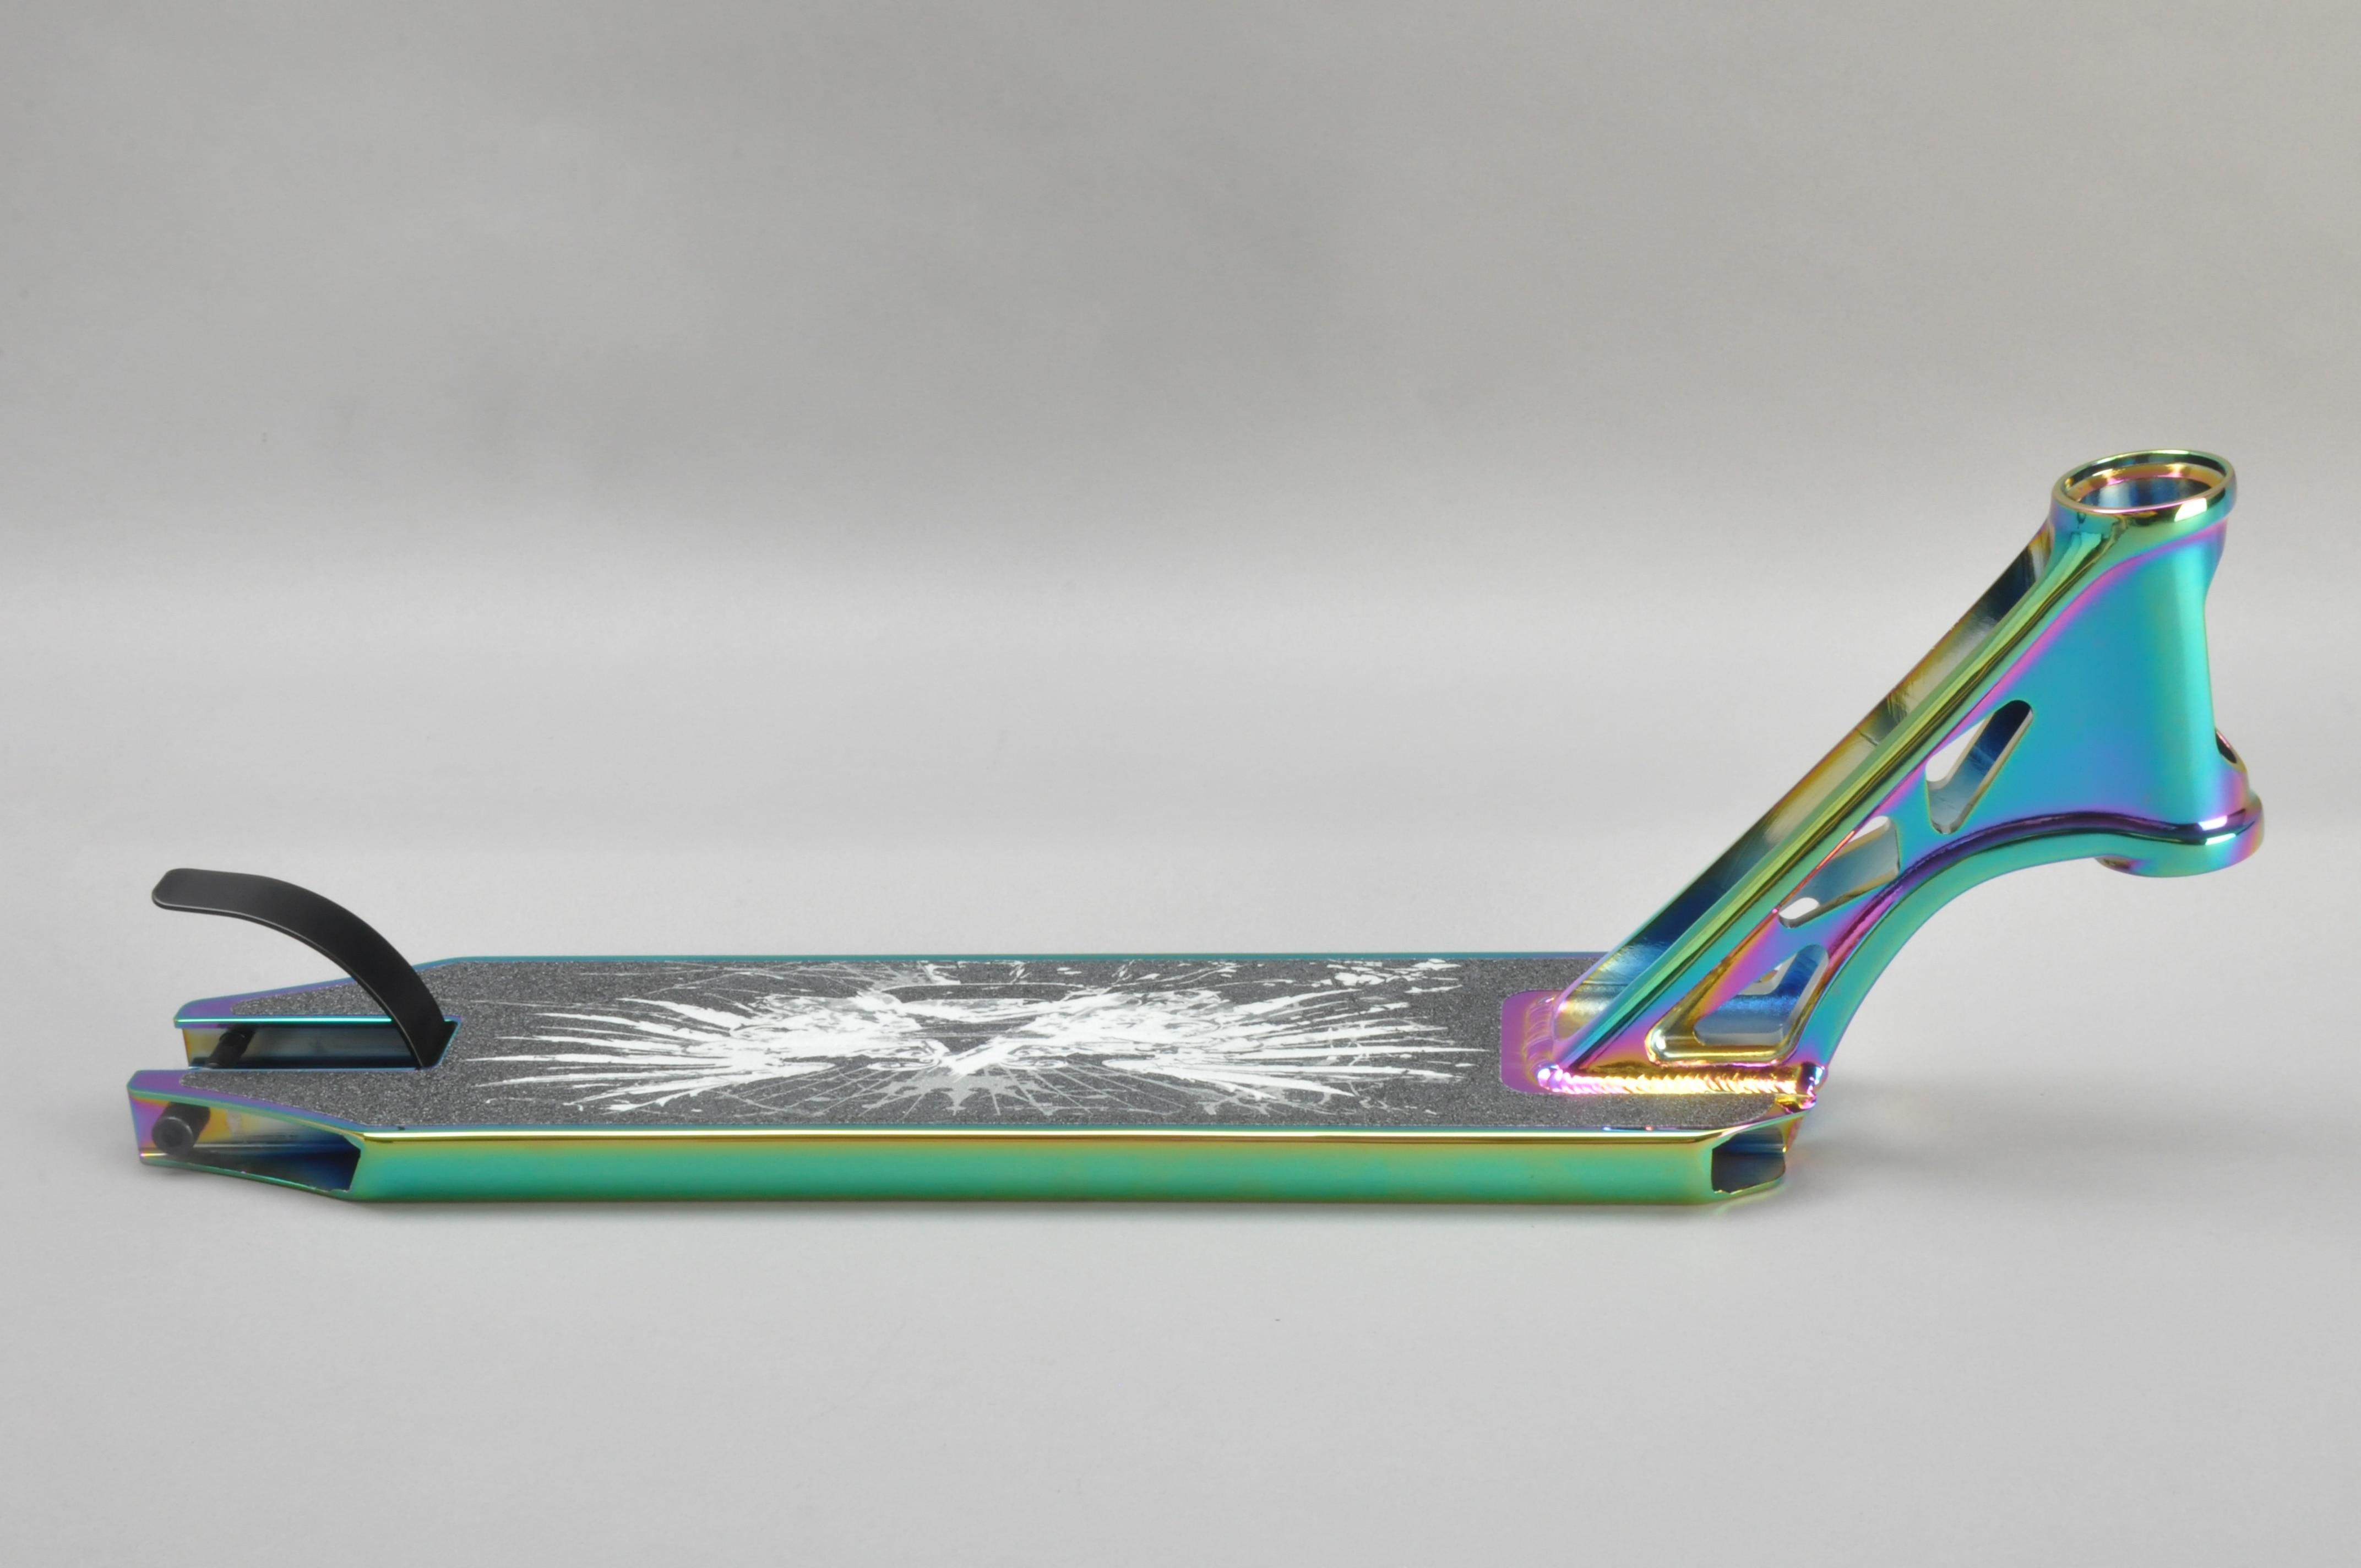 PVD color profesional OEM ODM 127*540mm de aleación de 6061 truco cubierta para patinete para 100/110/120mm de la rueda trasera